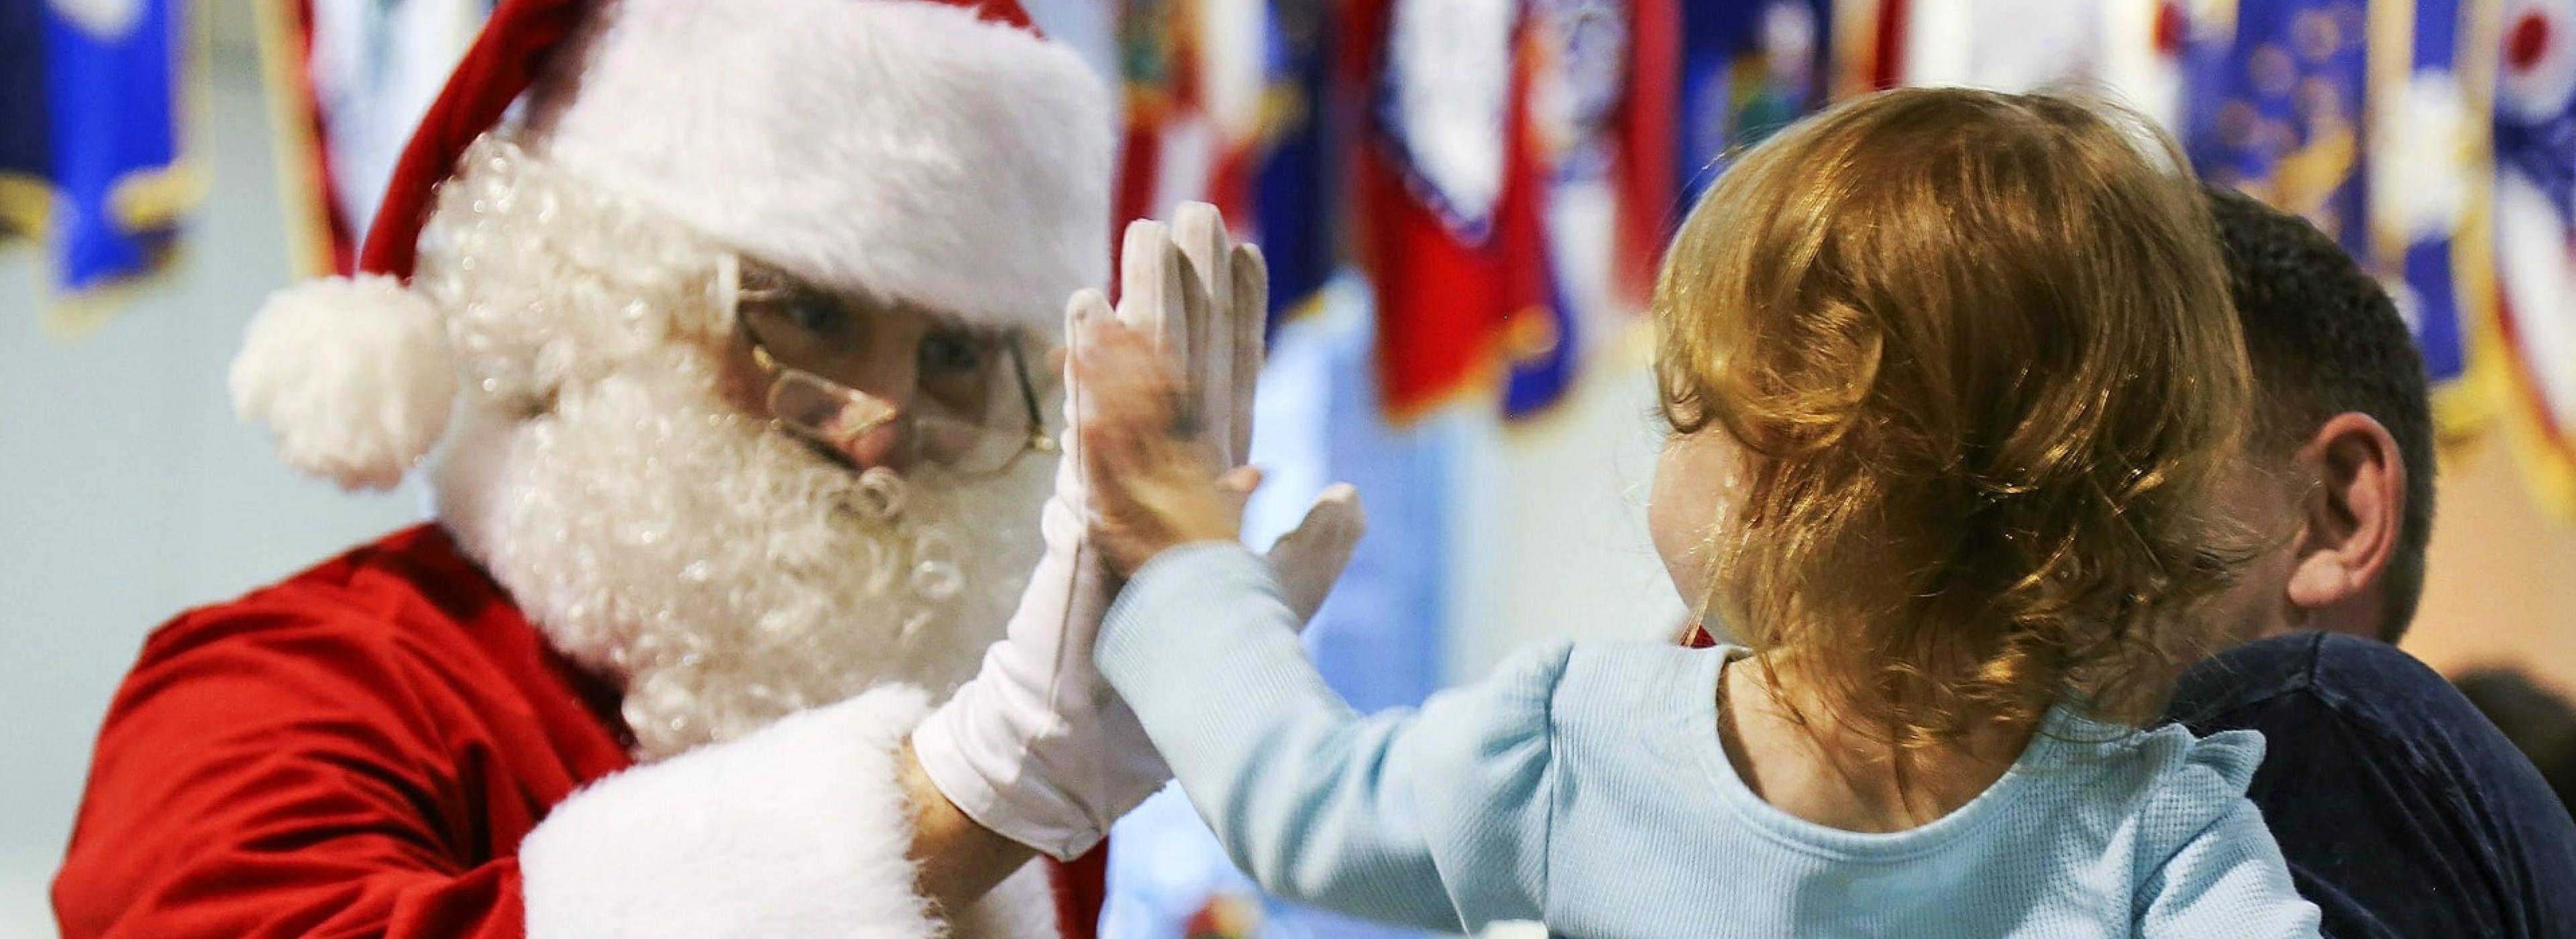 Santa Claus high-fives a small kid